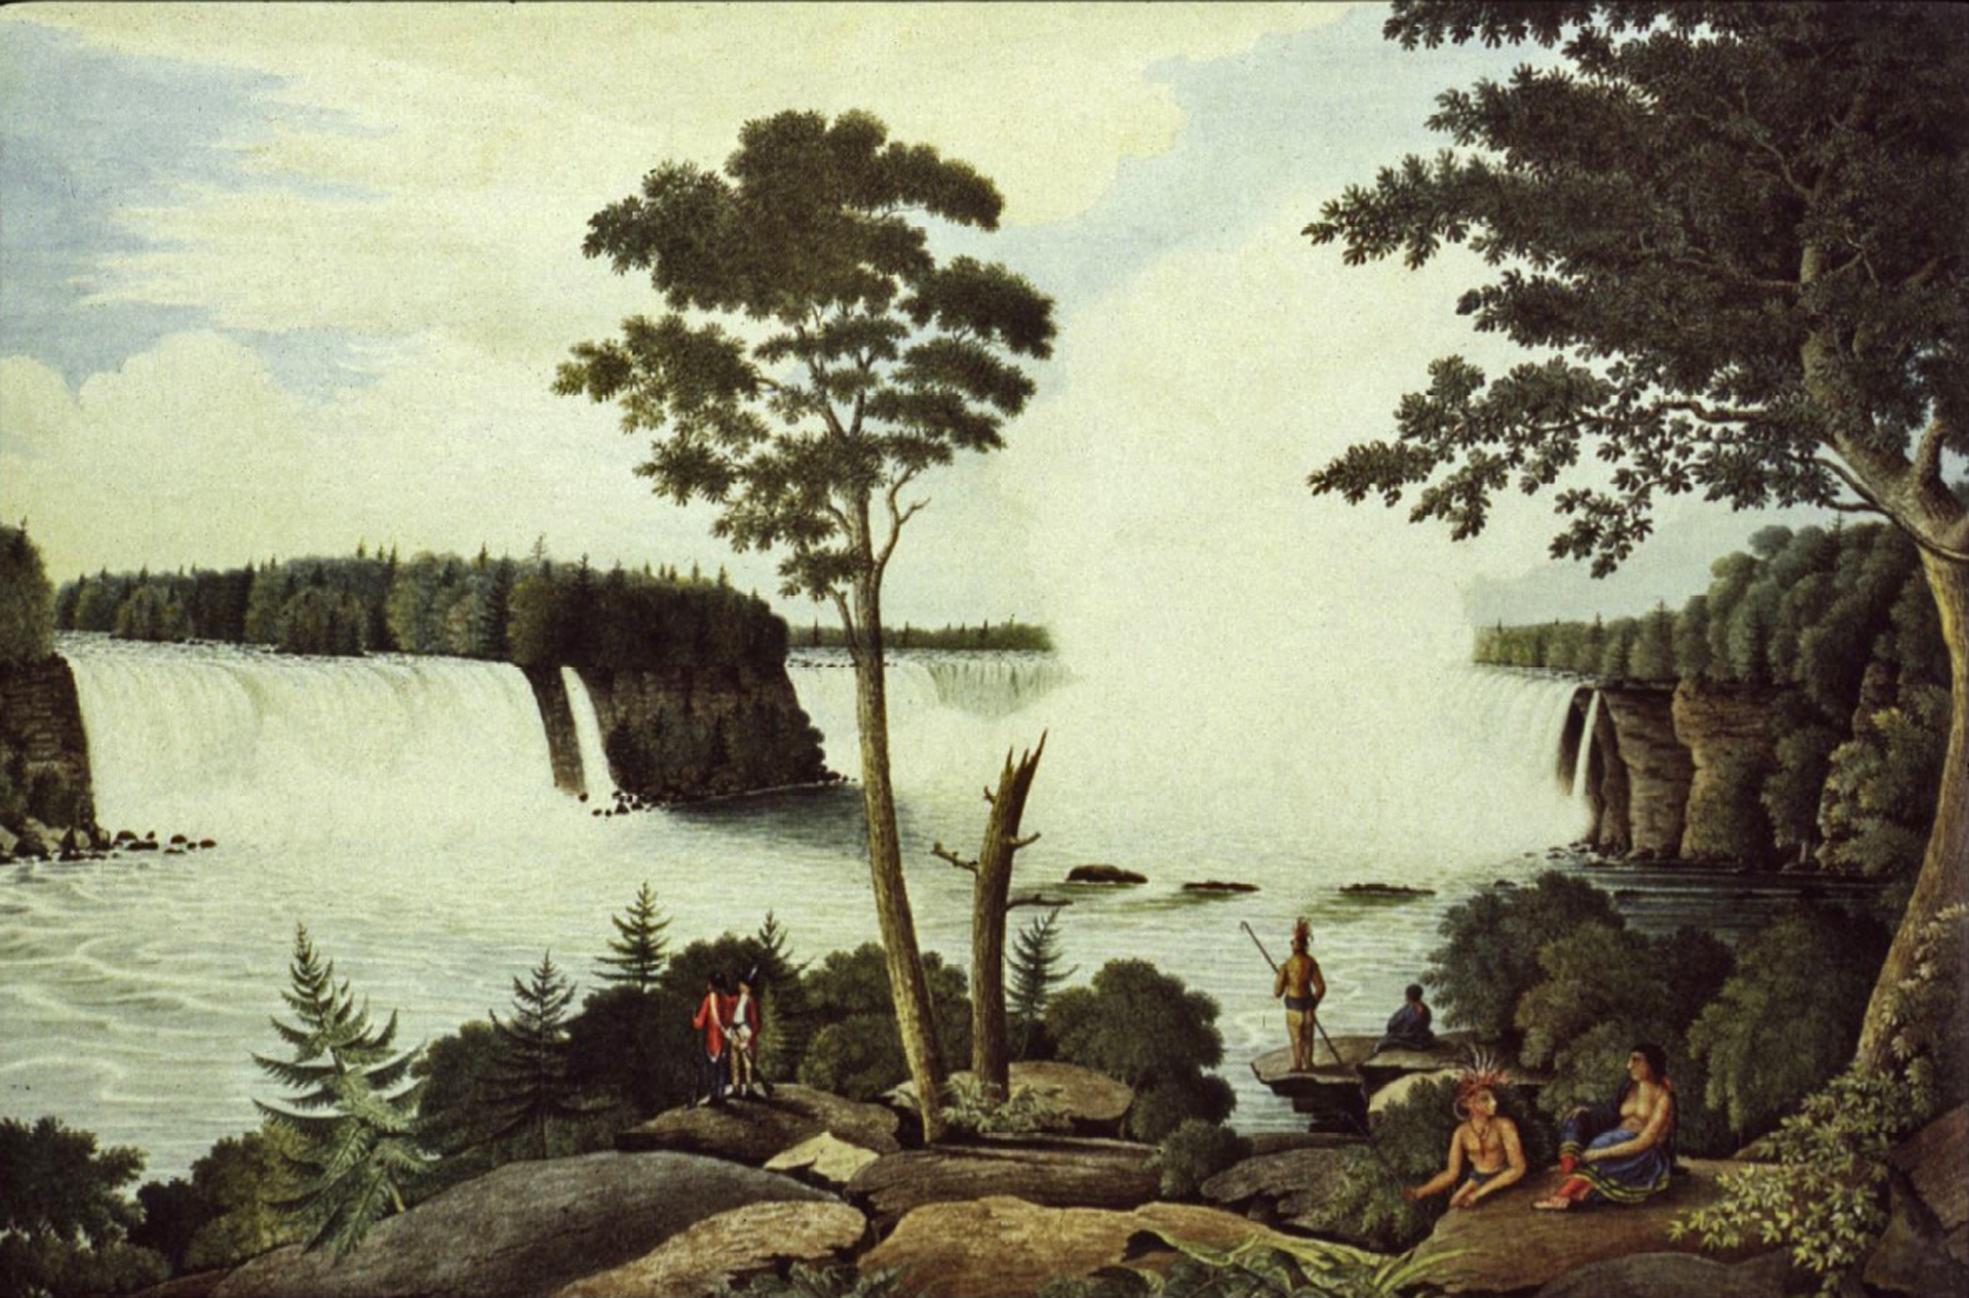 1766 c Niagara Falls from Below - low res